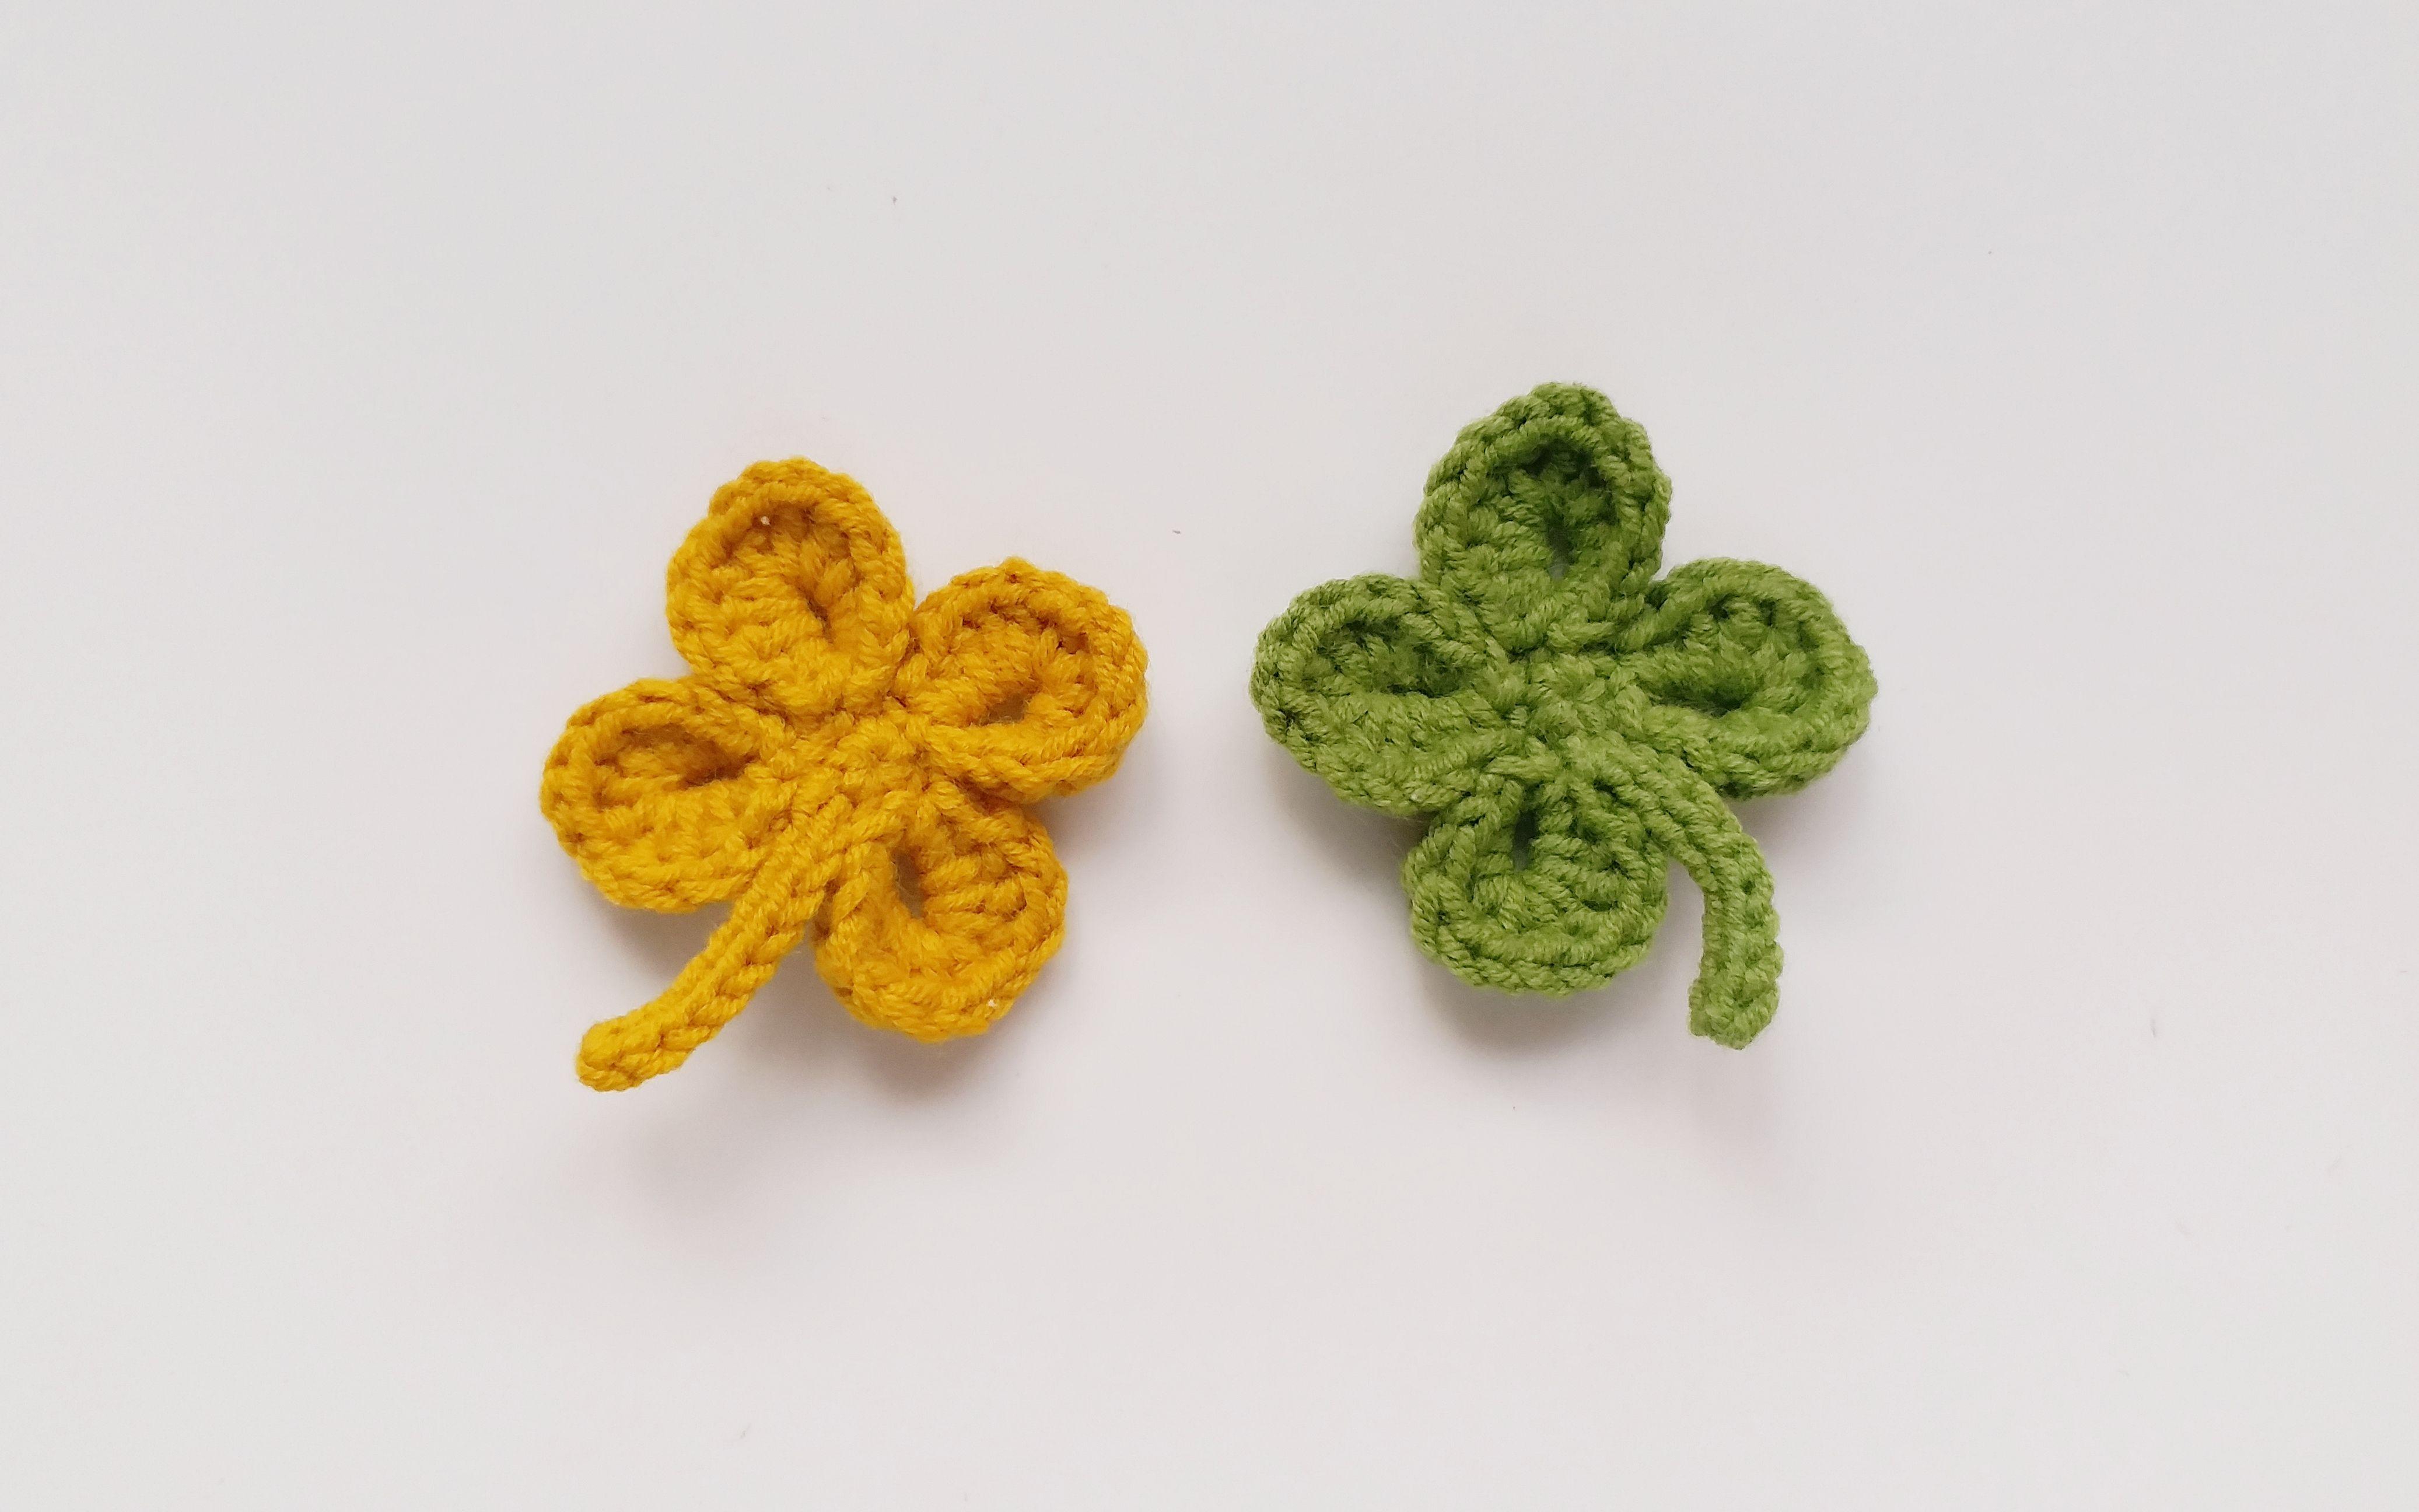 钩针编织 四叶草叶片的钩织方法 花样如蝶翩翩起舞图片